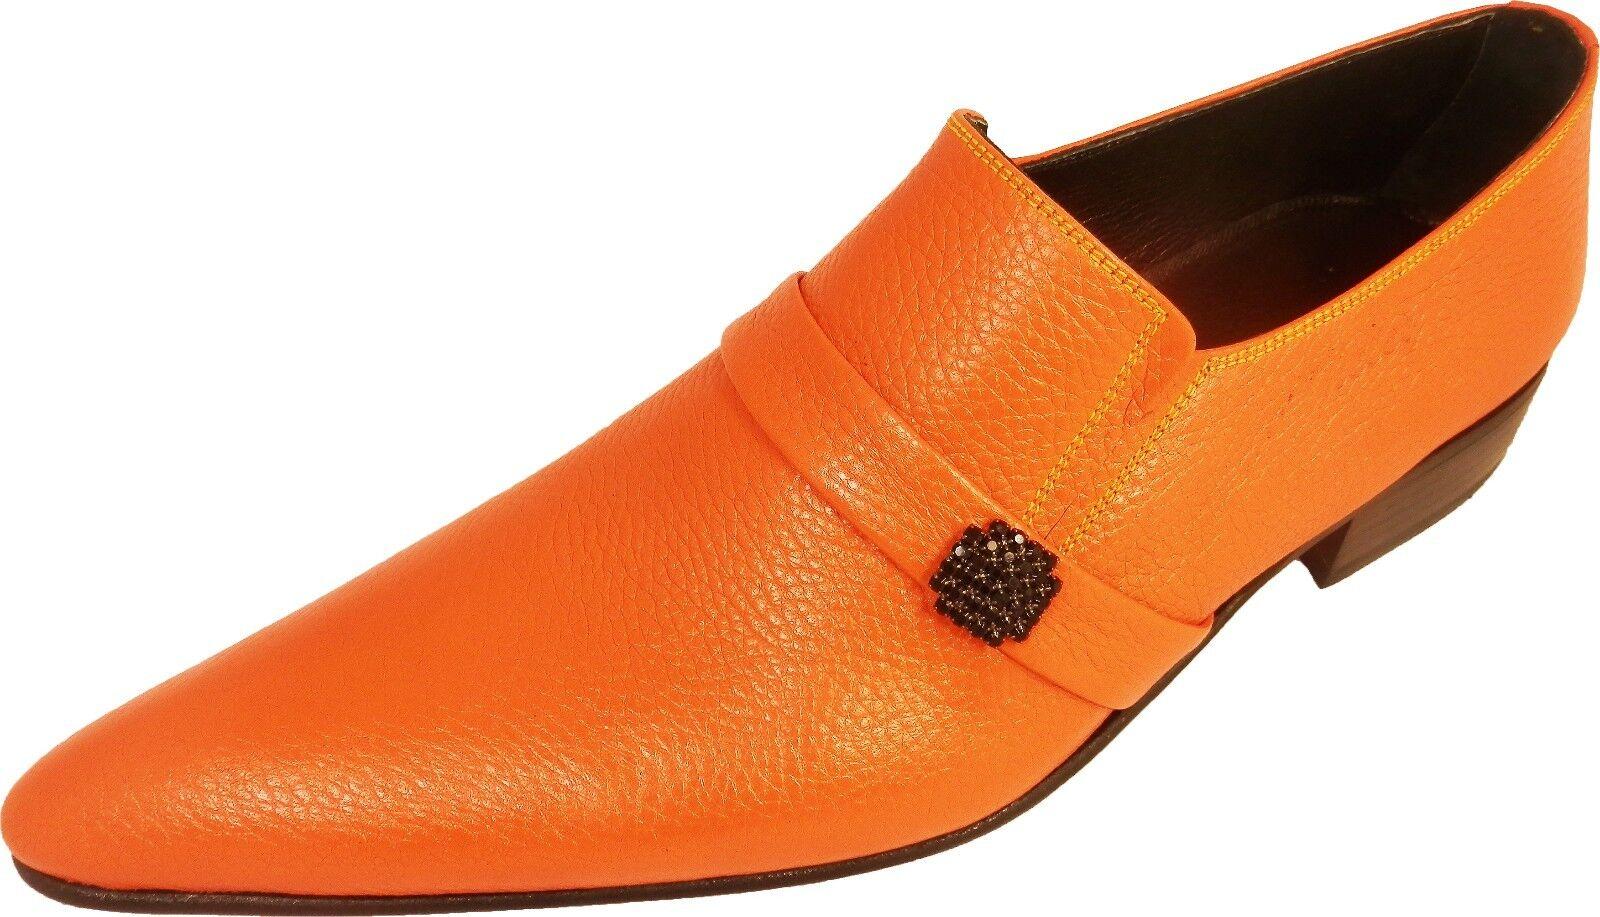 Scarpe casual da uomo  Chelsy-Designer Italiano Slipper orange pattern arance GUSCIO pagine SPILLA